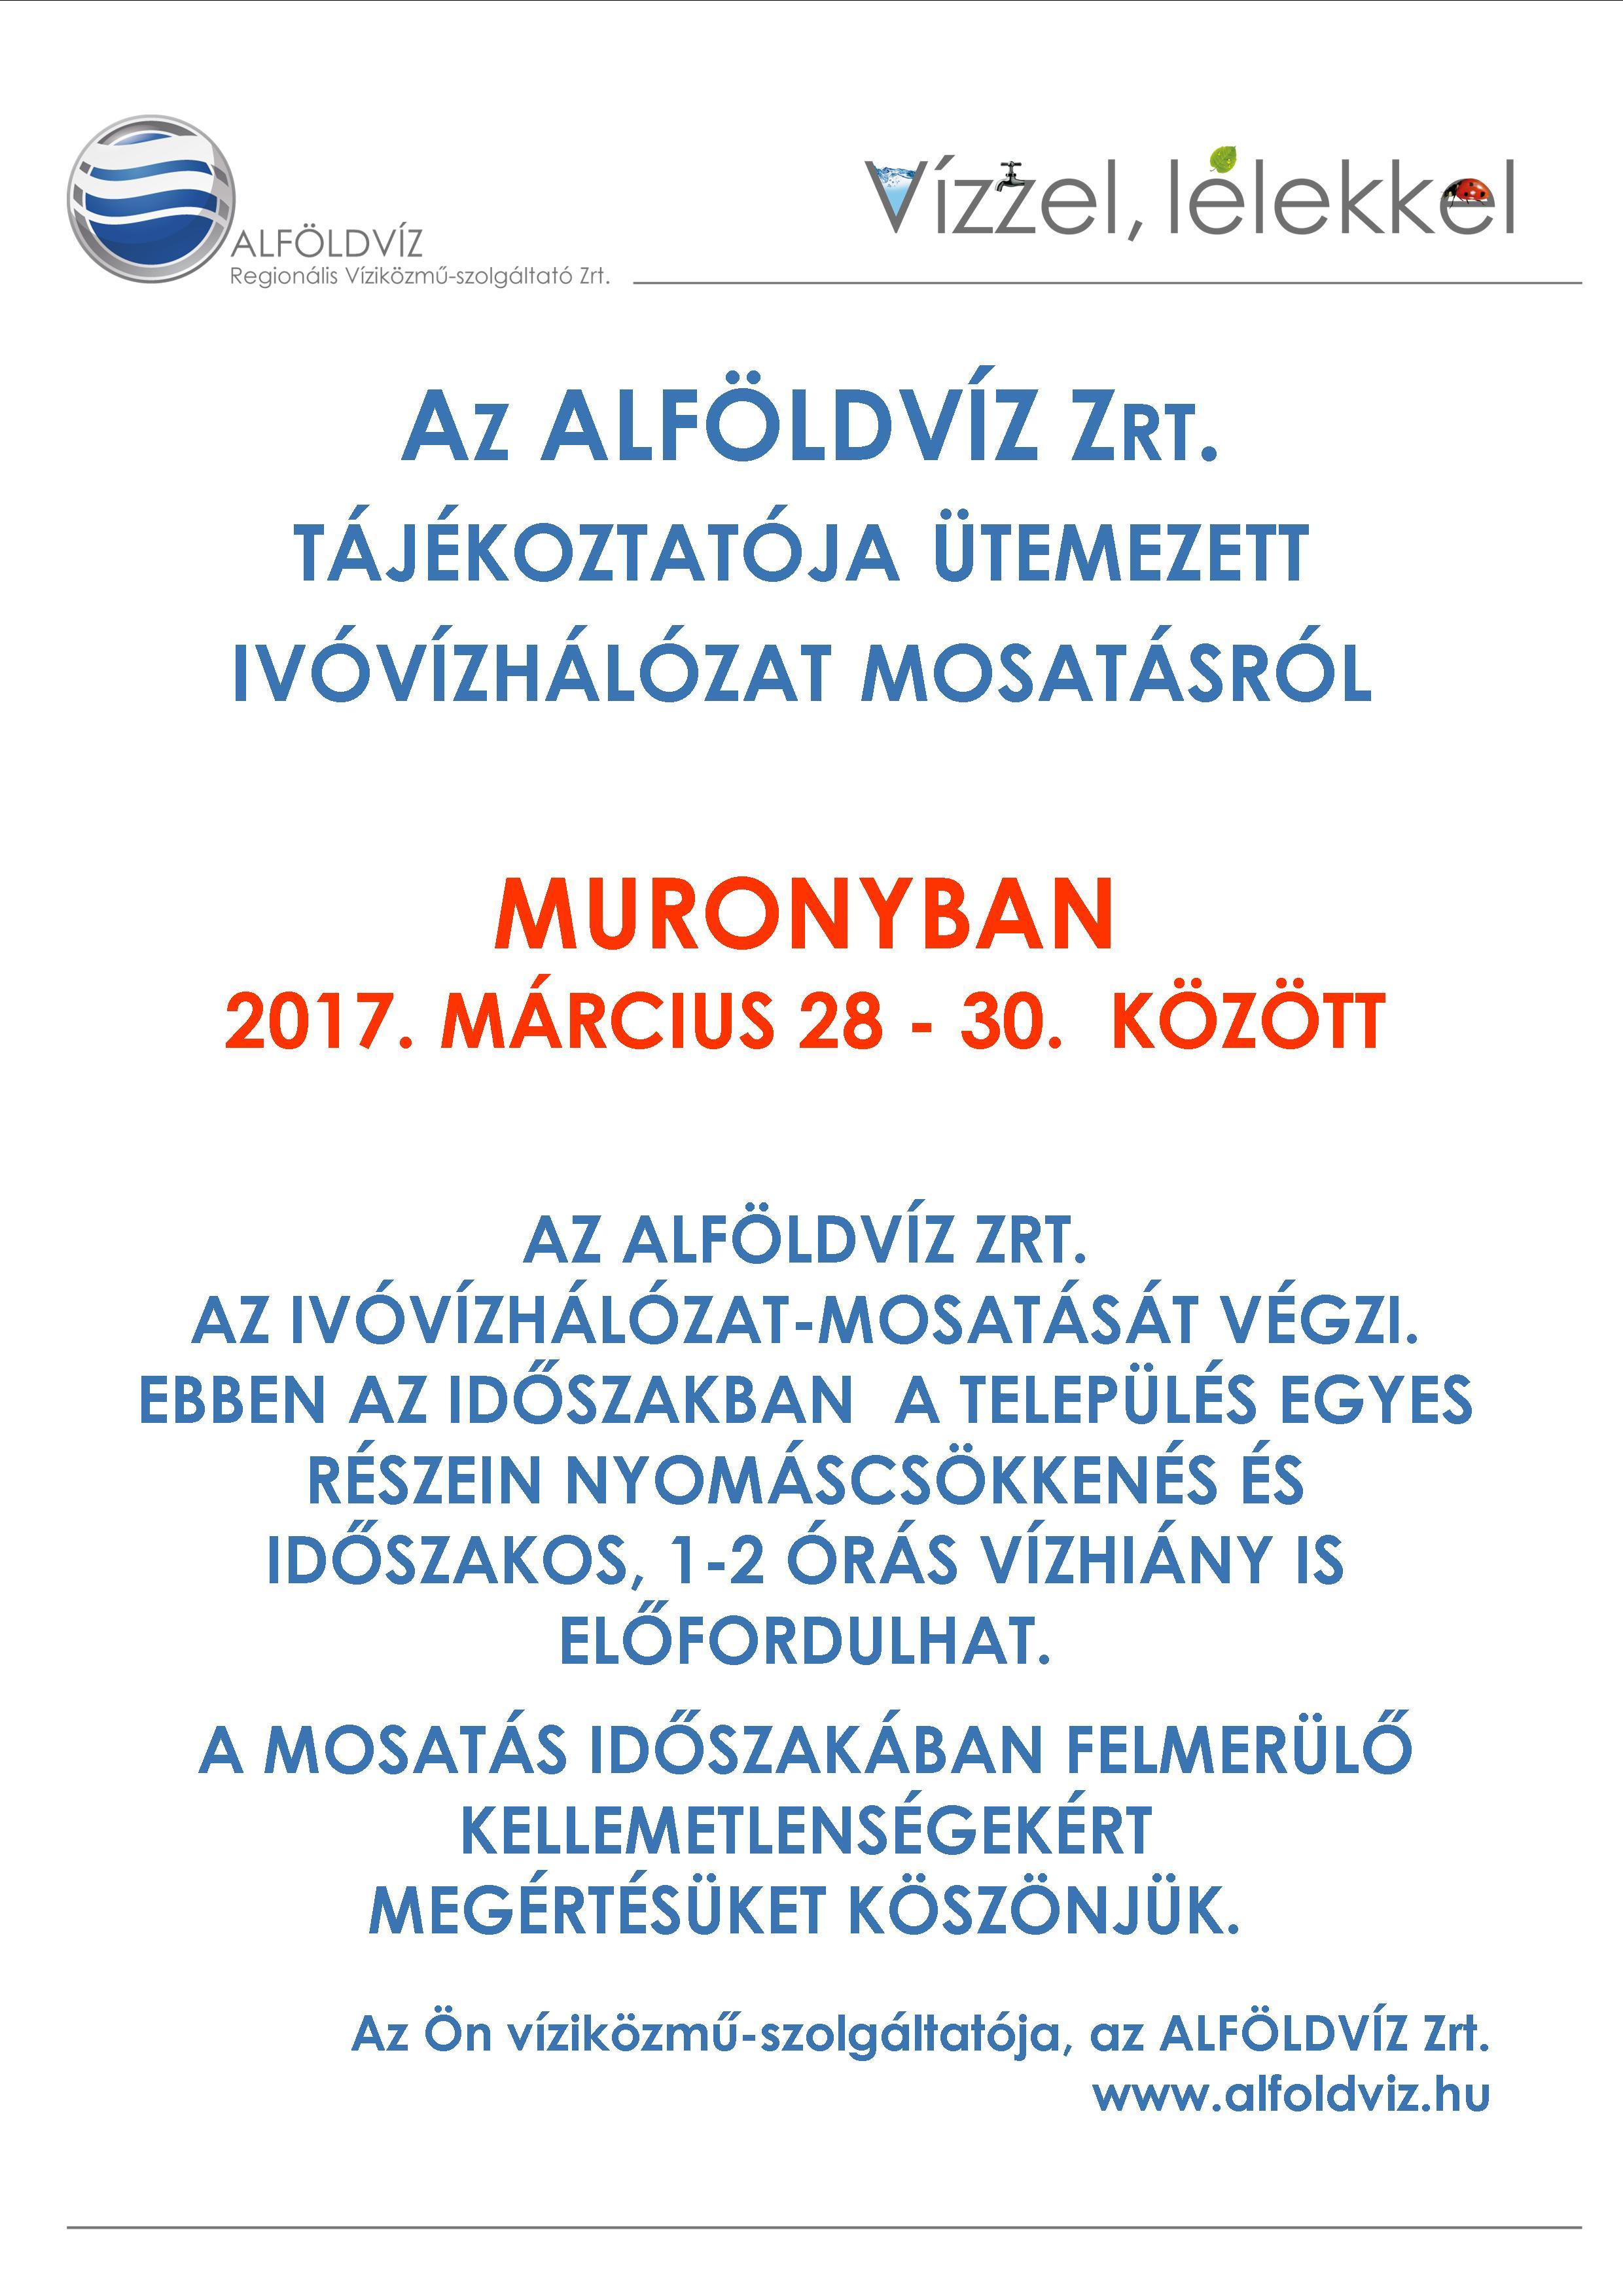 Alföldvíz plakát - ütemezett hálózatmosatás - Murony